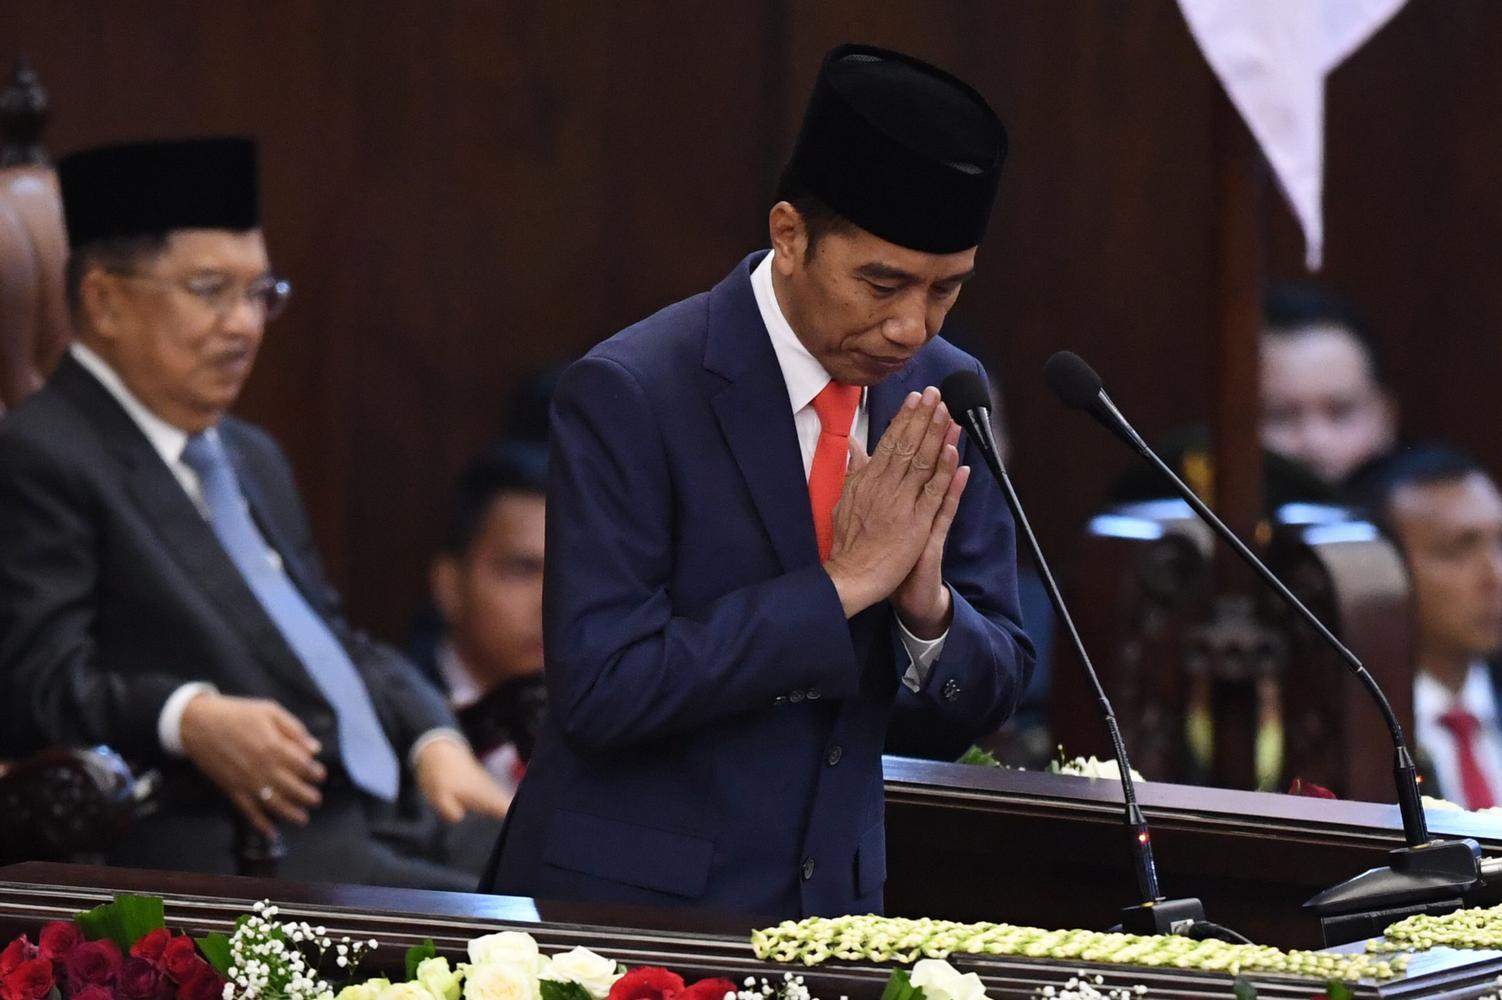 Presiden Joko Widodo memberikan salam usai memberikan pidato awal masa jabatan presiden periode 2019-2024. Penerbitan Perppu KPK menjadi ujian Jokowi perihal komitmennya terhadap pemberantasan korupsi.